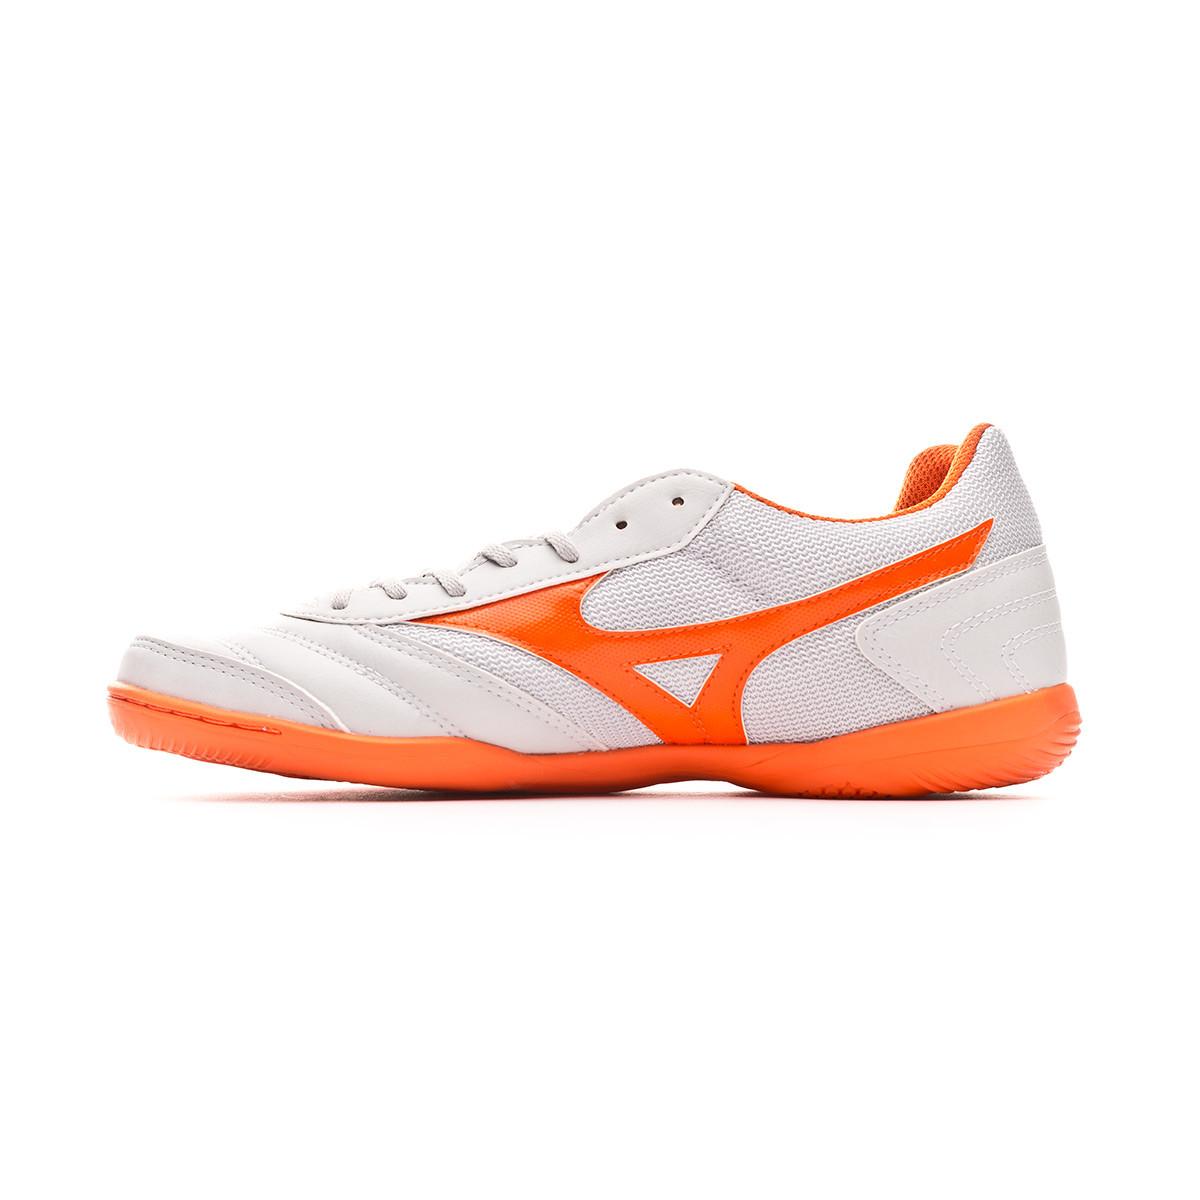 tenis mizuno liverpool 02 00 womens running tennis masculino